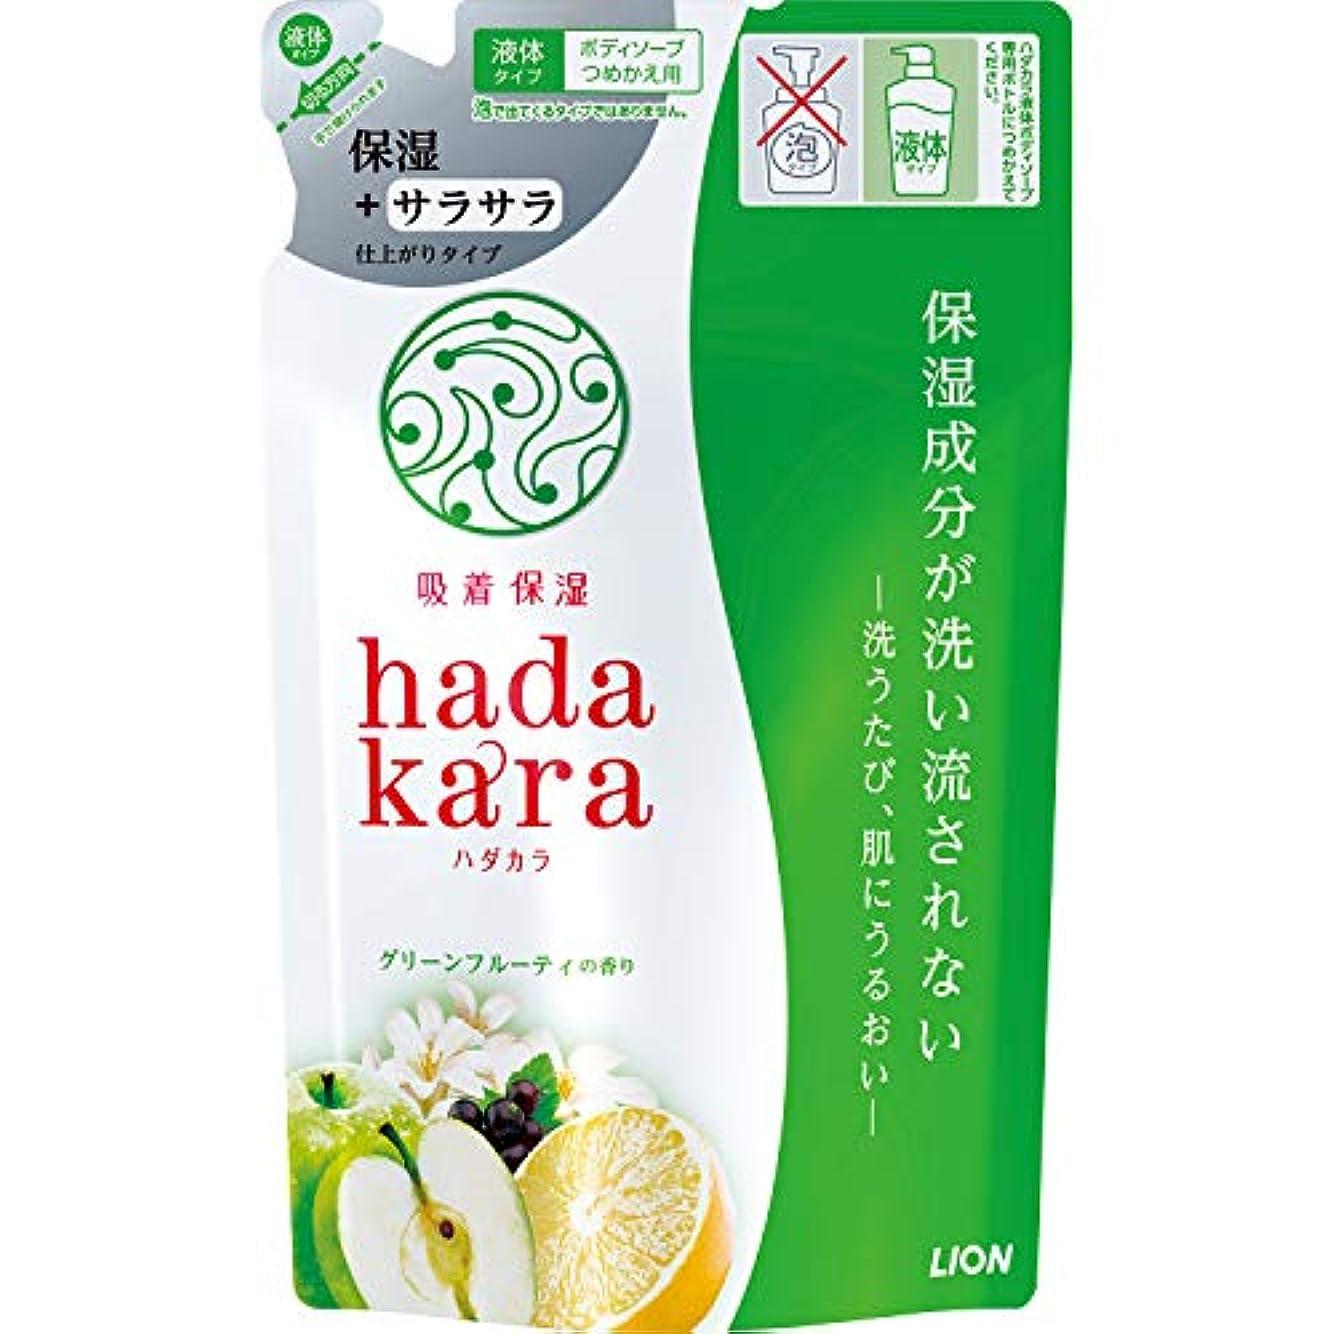 命令欺くアライアンスhadakara(ハダカラ) ボディソープ 保湿+サラサラ仕上がりタイプ グリーンフルーティの香り 詰め替え 340ml